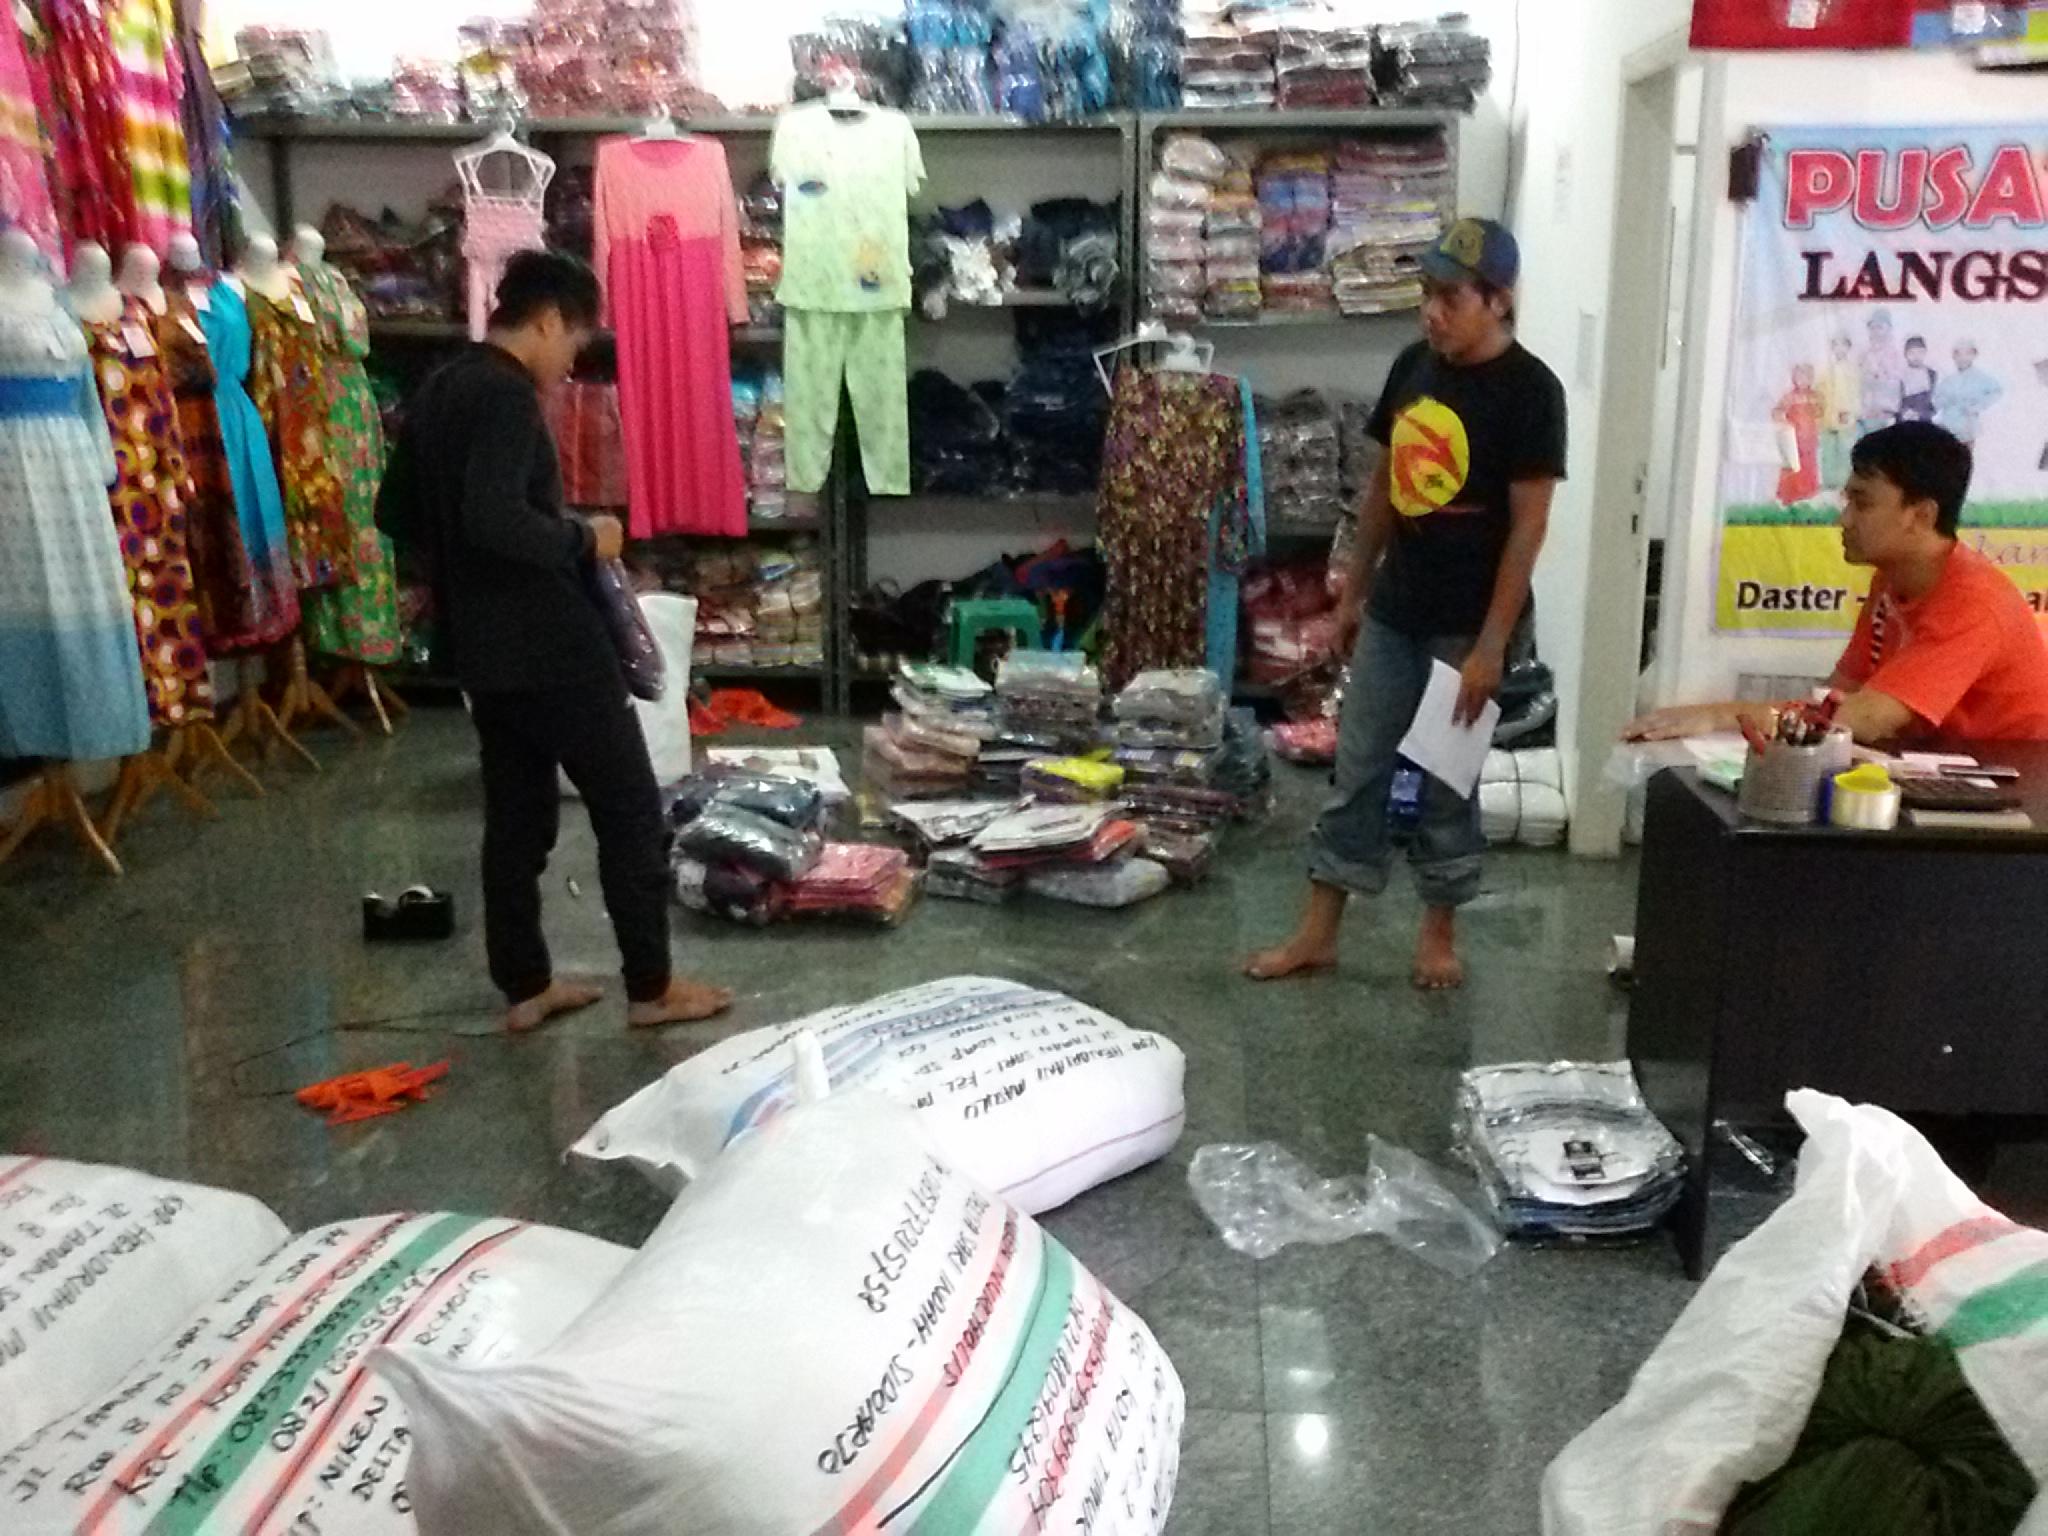 Grosir Daster Katun Bandung Grosir Daster Anak di Bandung, Solusi Lesunya Ekonomi